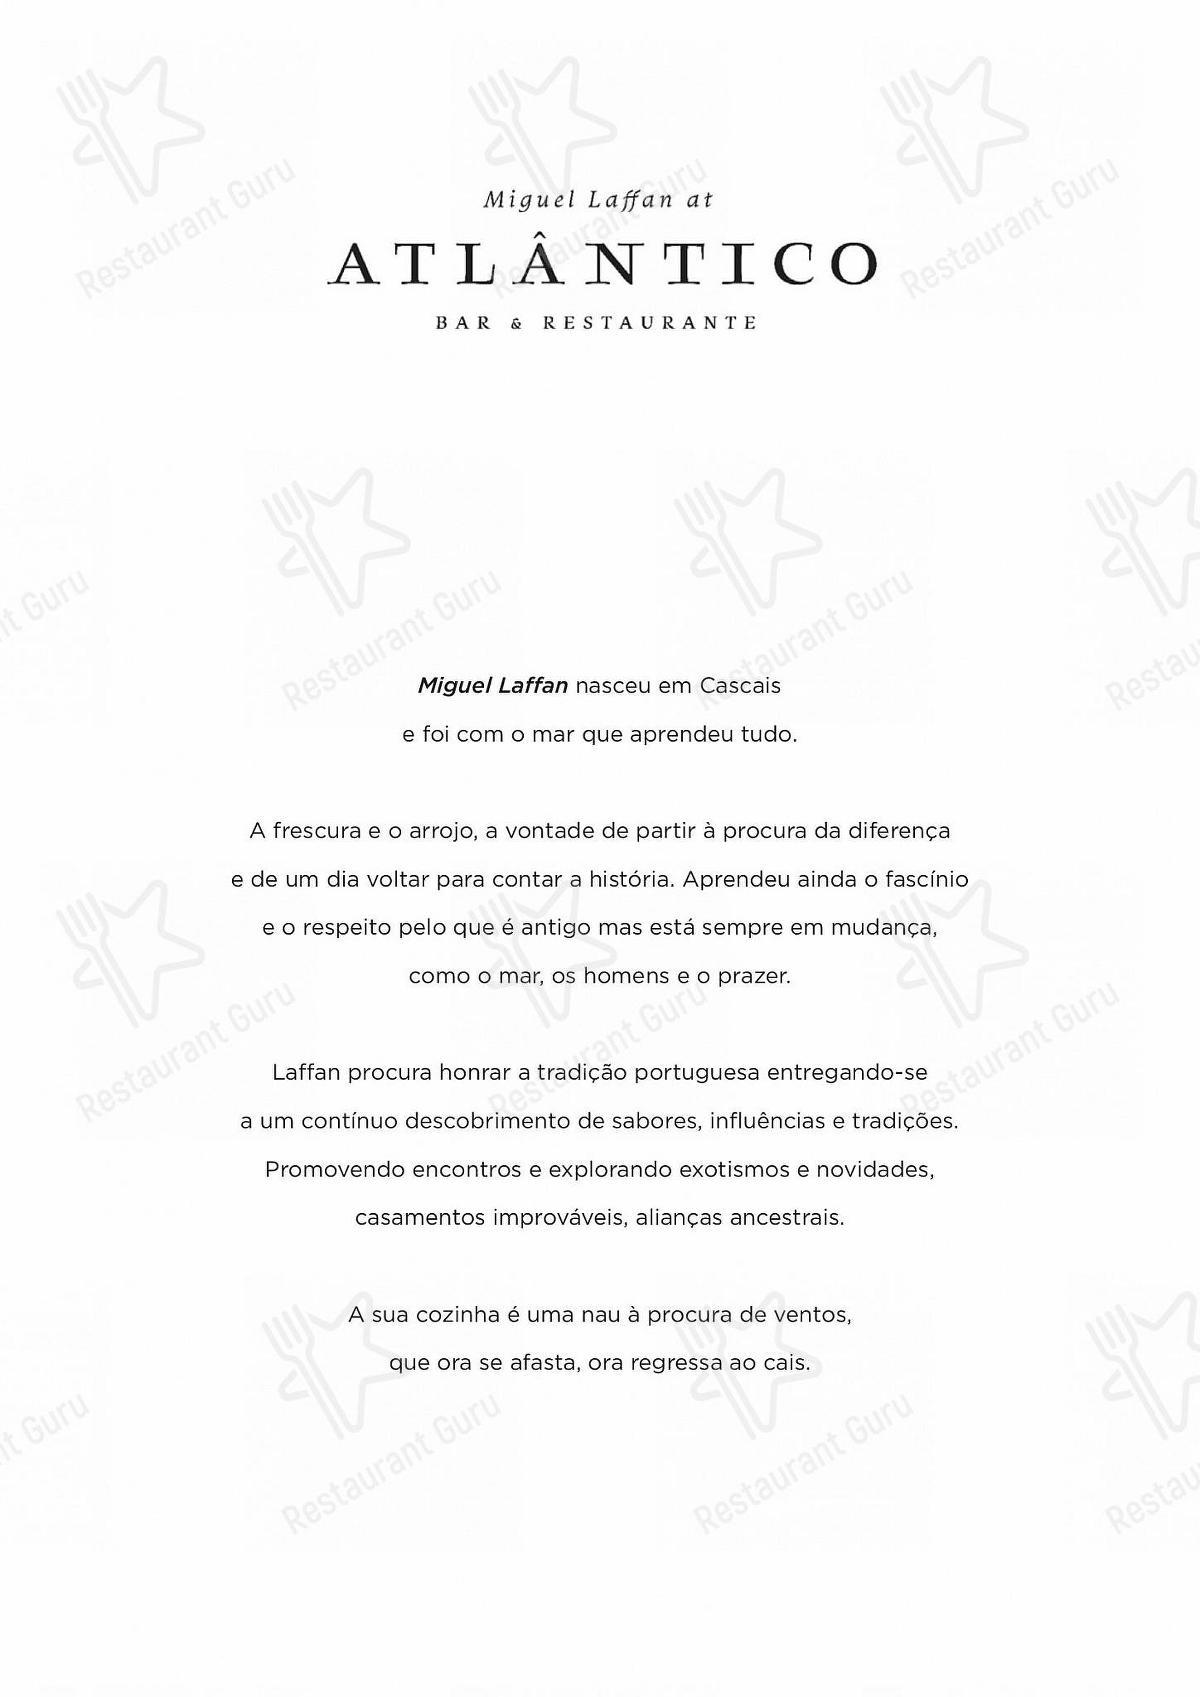 Carta de Atlântico Bar & Restaurante - comidas y bebidas